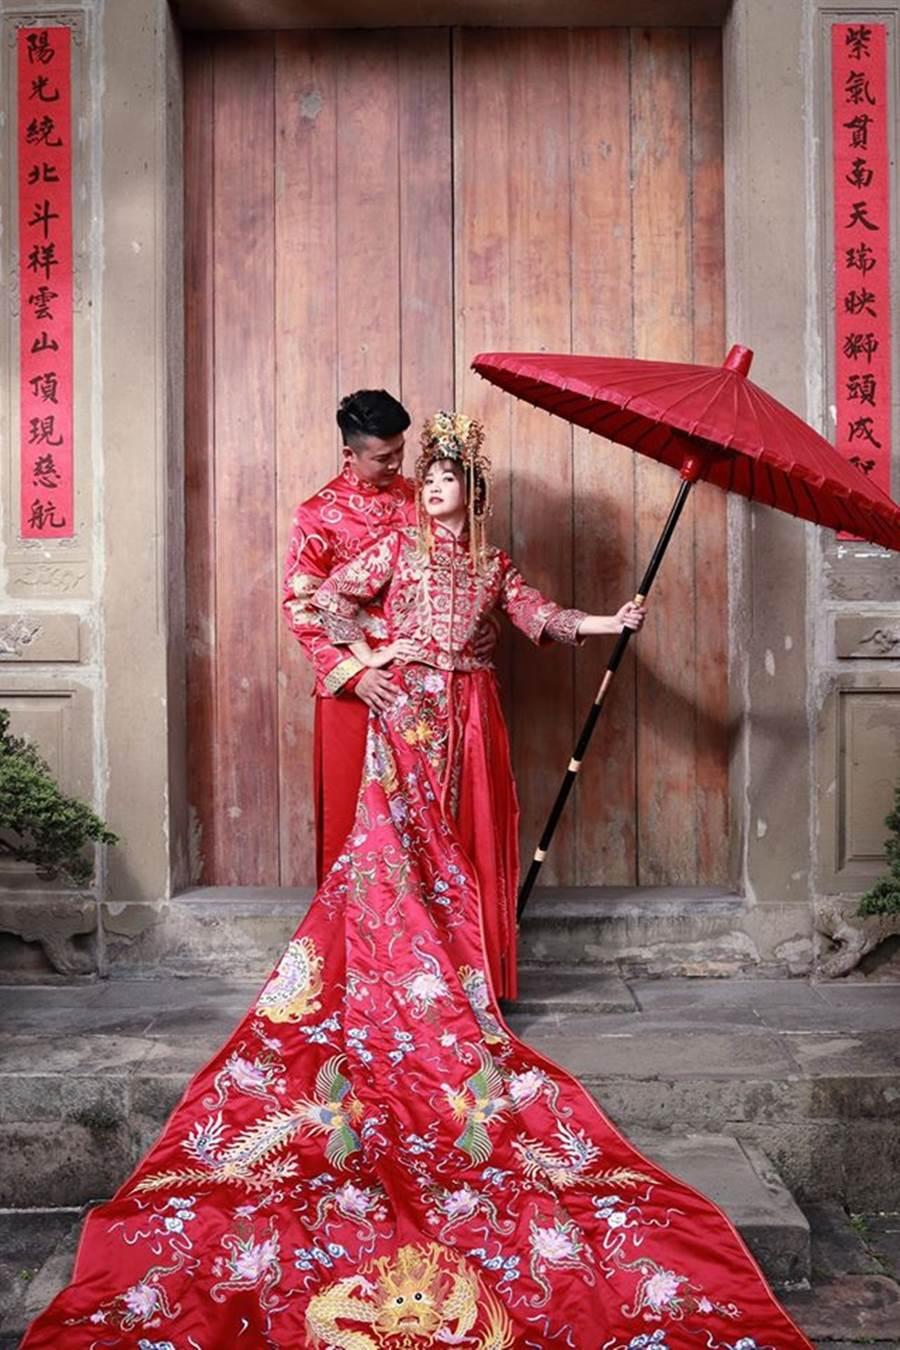 簡懿佳宣布成為李太太。(圖/翻攝自簡懿佳臉書)